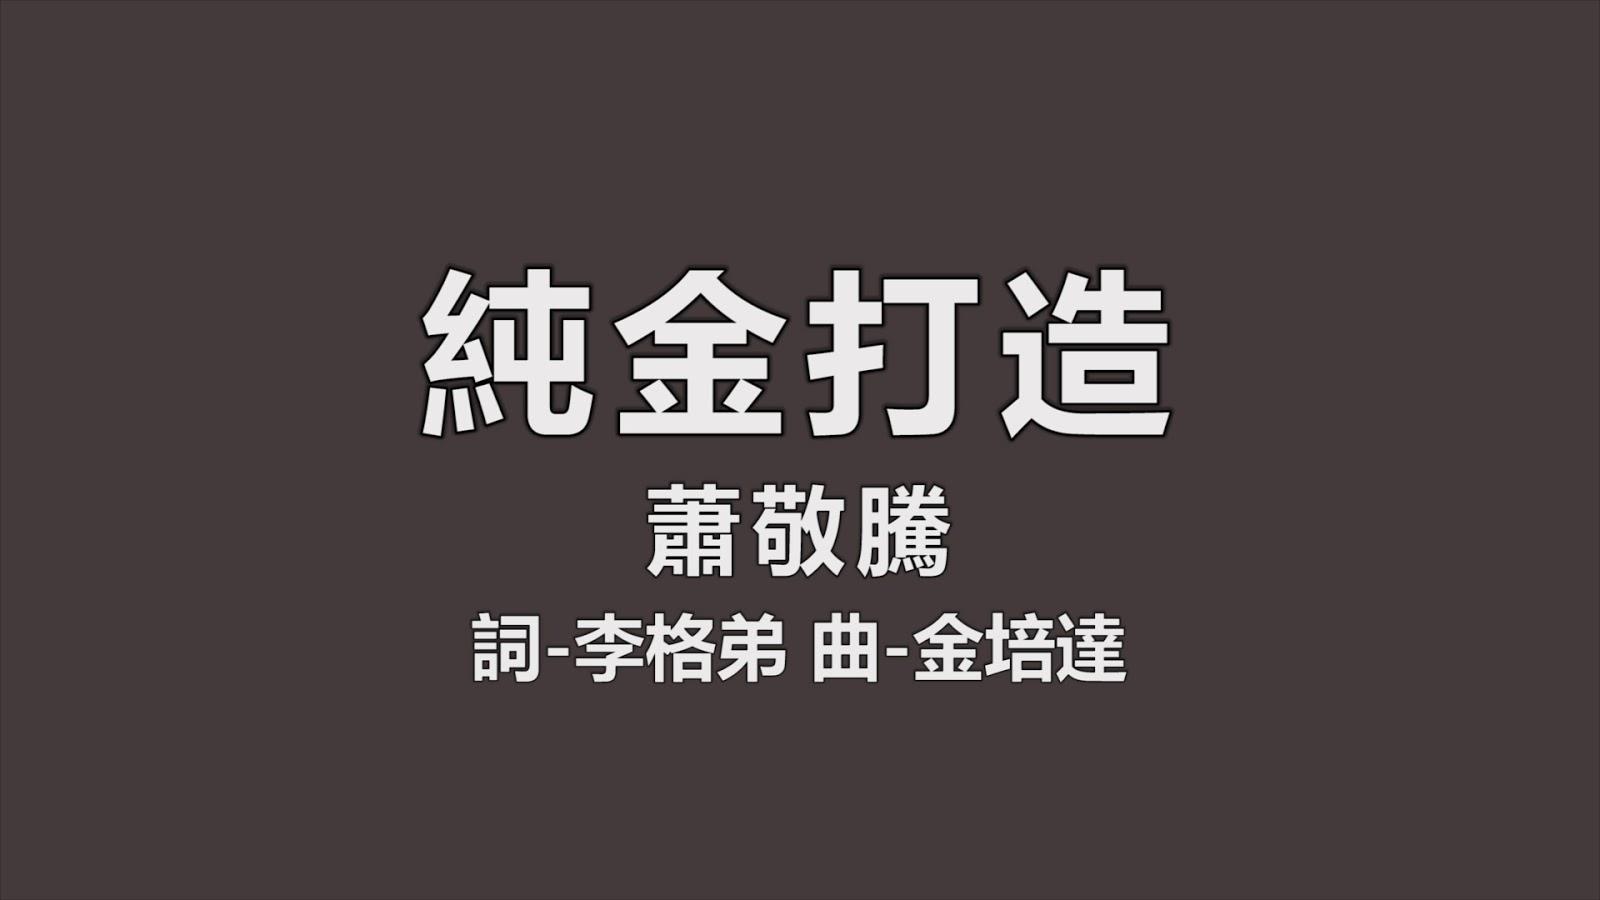 音樂暫留藝術: 蕭敬騰 純金打造【醇歌詞/Lyrics】